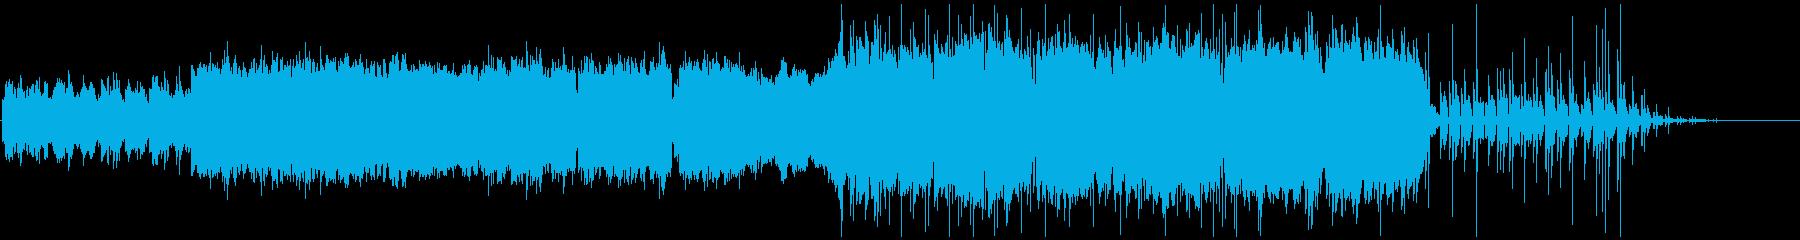 メロディアスギターインストの再生済みの波形